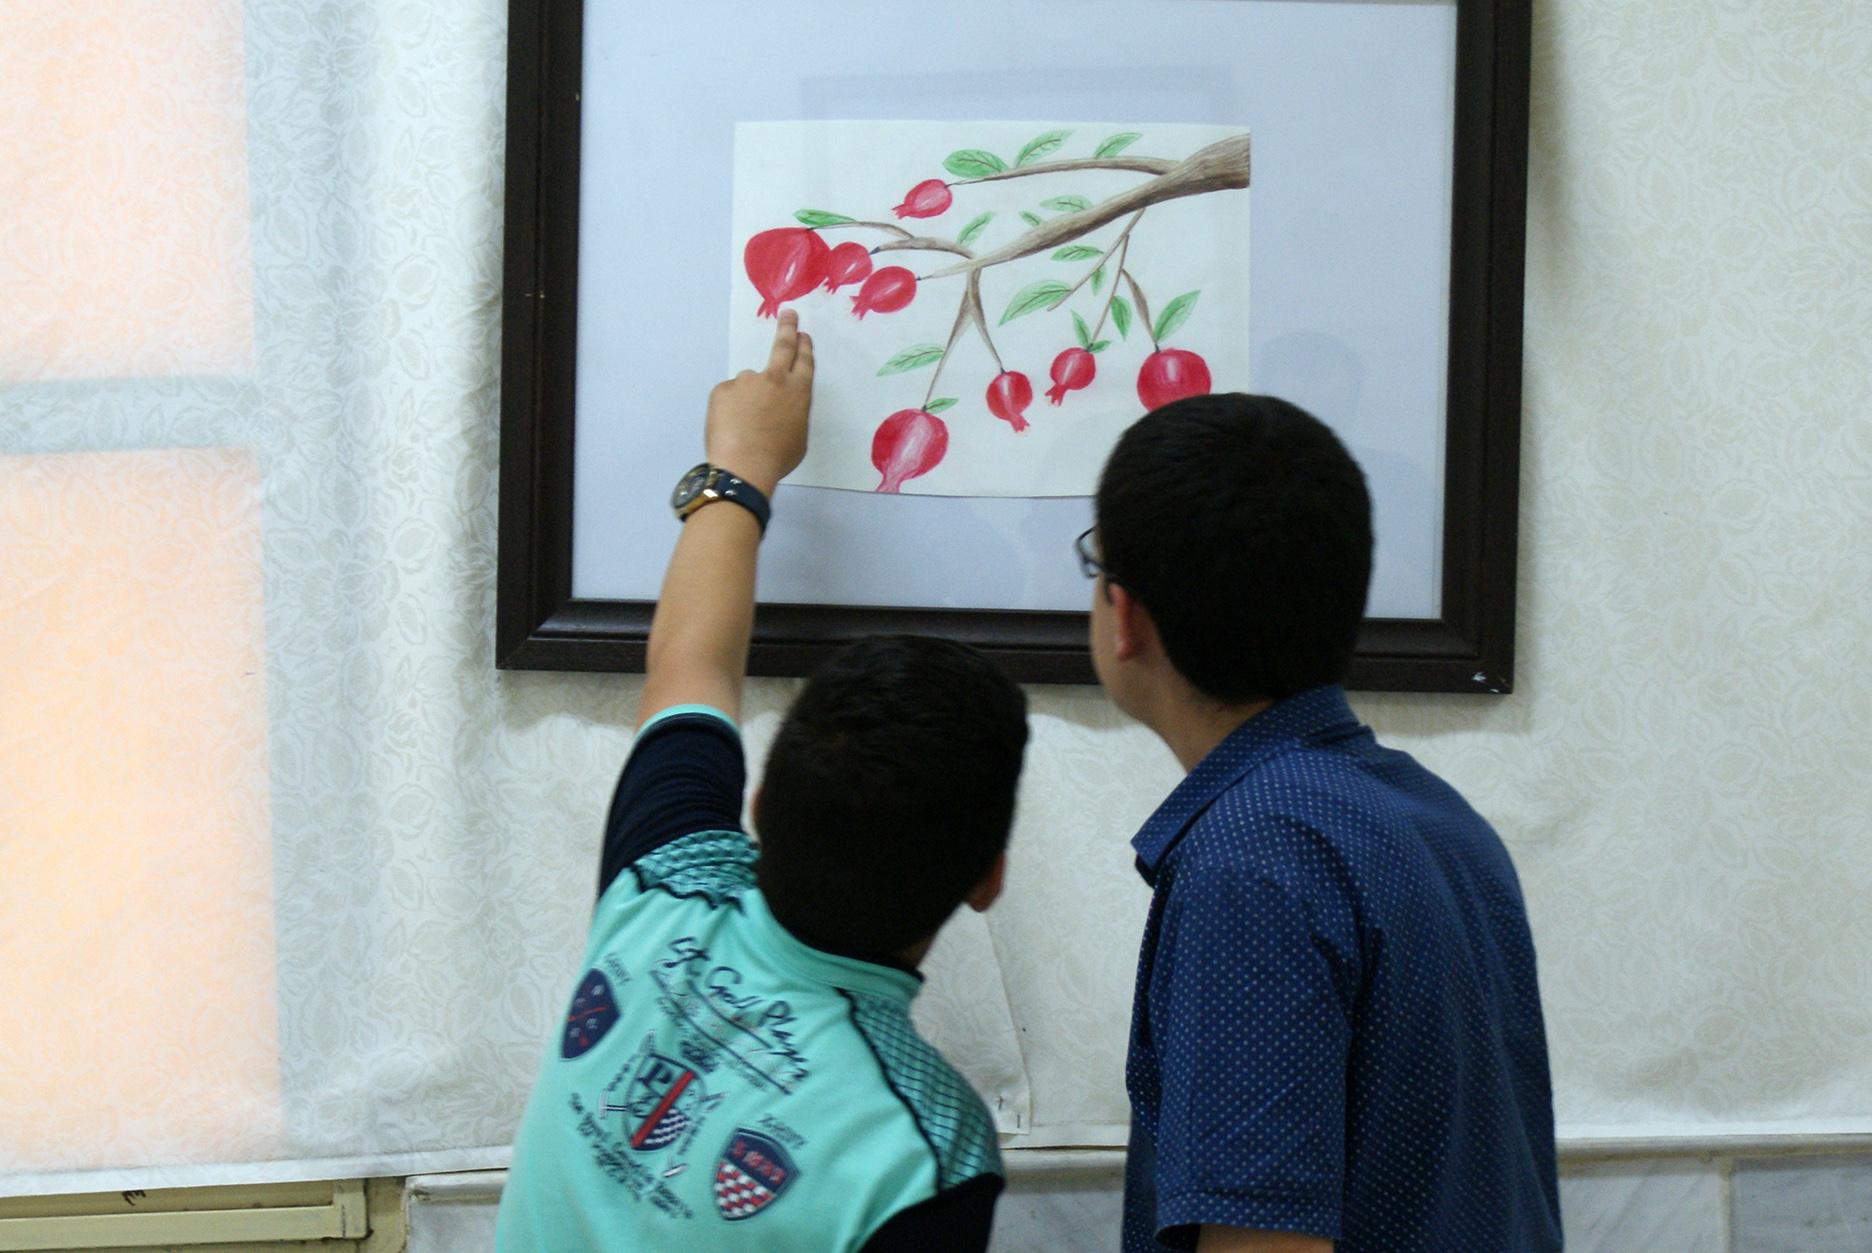 تصورات دختر ۱۰ساله تبریزی در قاب نقاشی / تصاویر